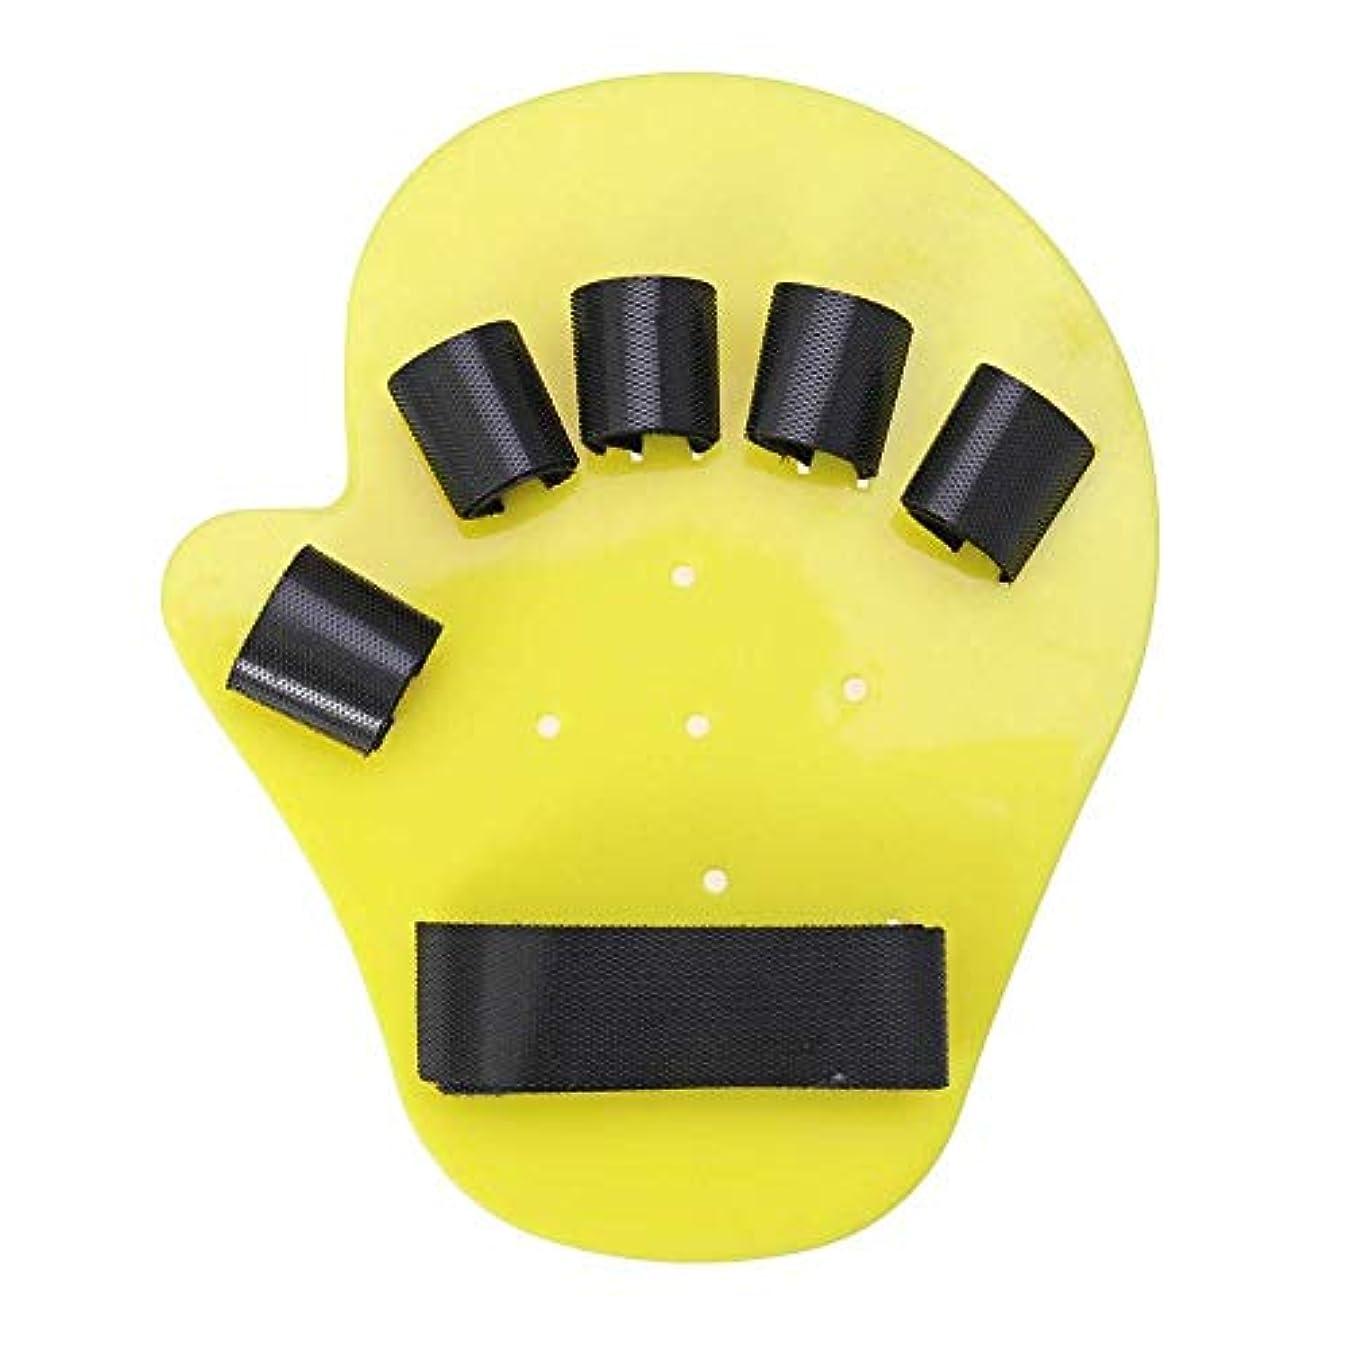 愛撫カヌー予防接種する指の添え木は指をまっすぐにし、トリガージョイント保護用の調整可能な指の添え木指緩衝カフの炎症治療,LeftHand